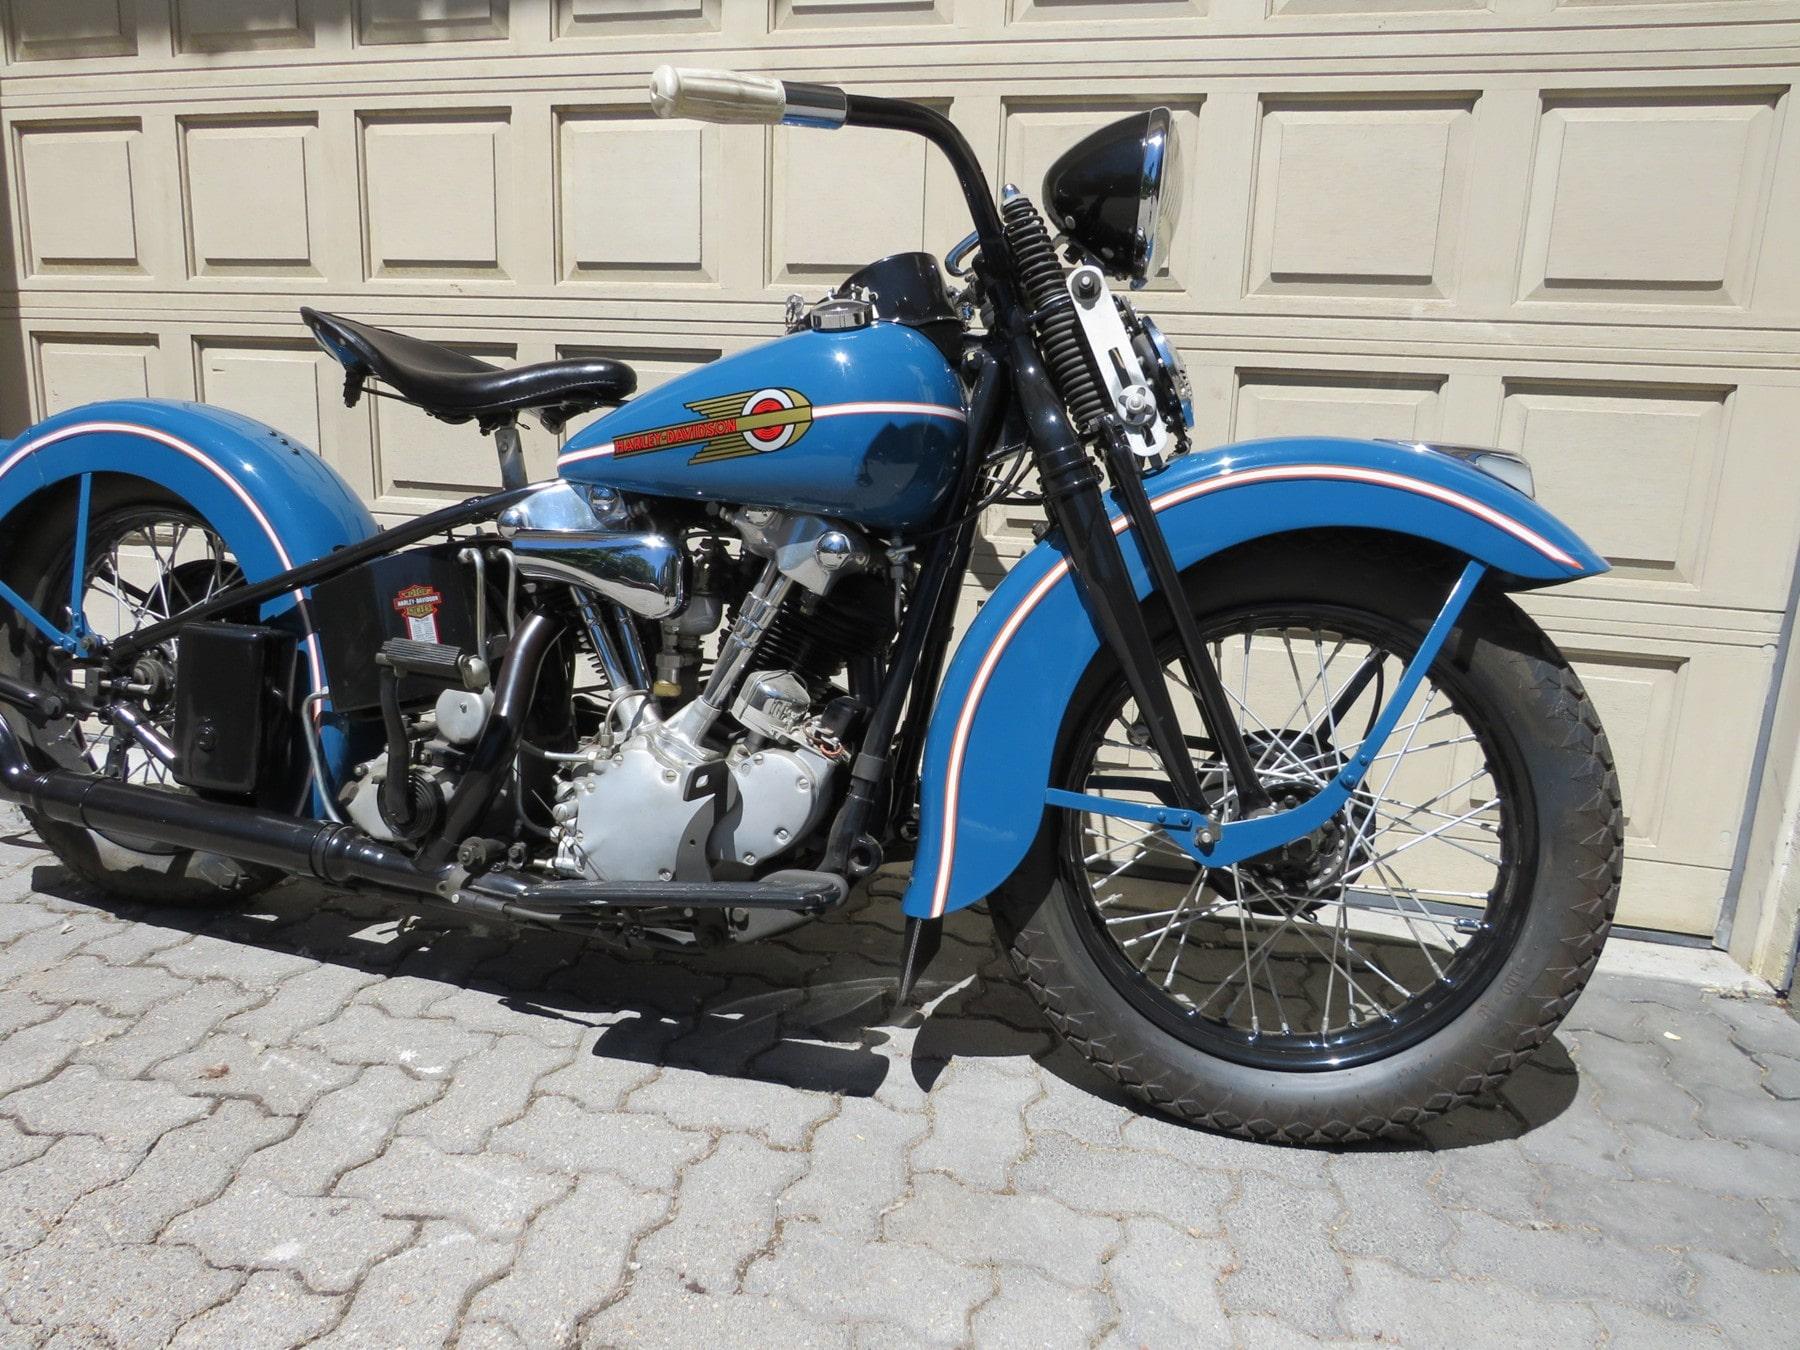 1938 Harley Davidson EL Knucklehead – Castoro Col